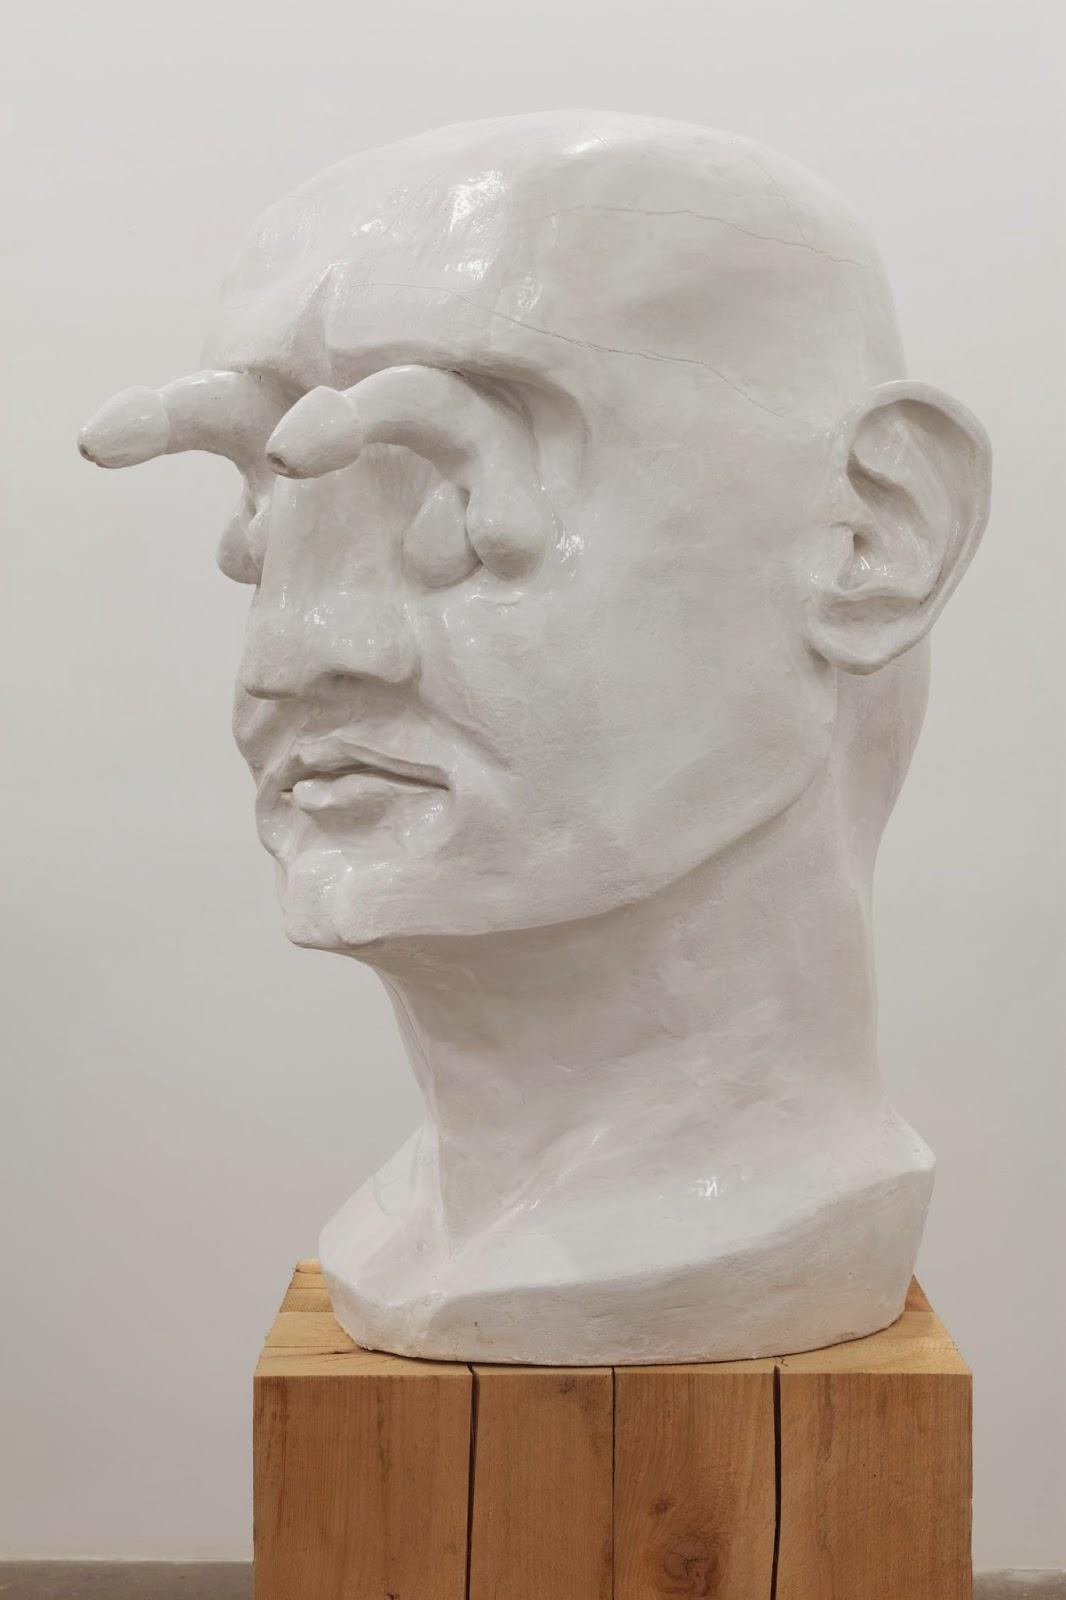 Erect Penis Head 14